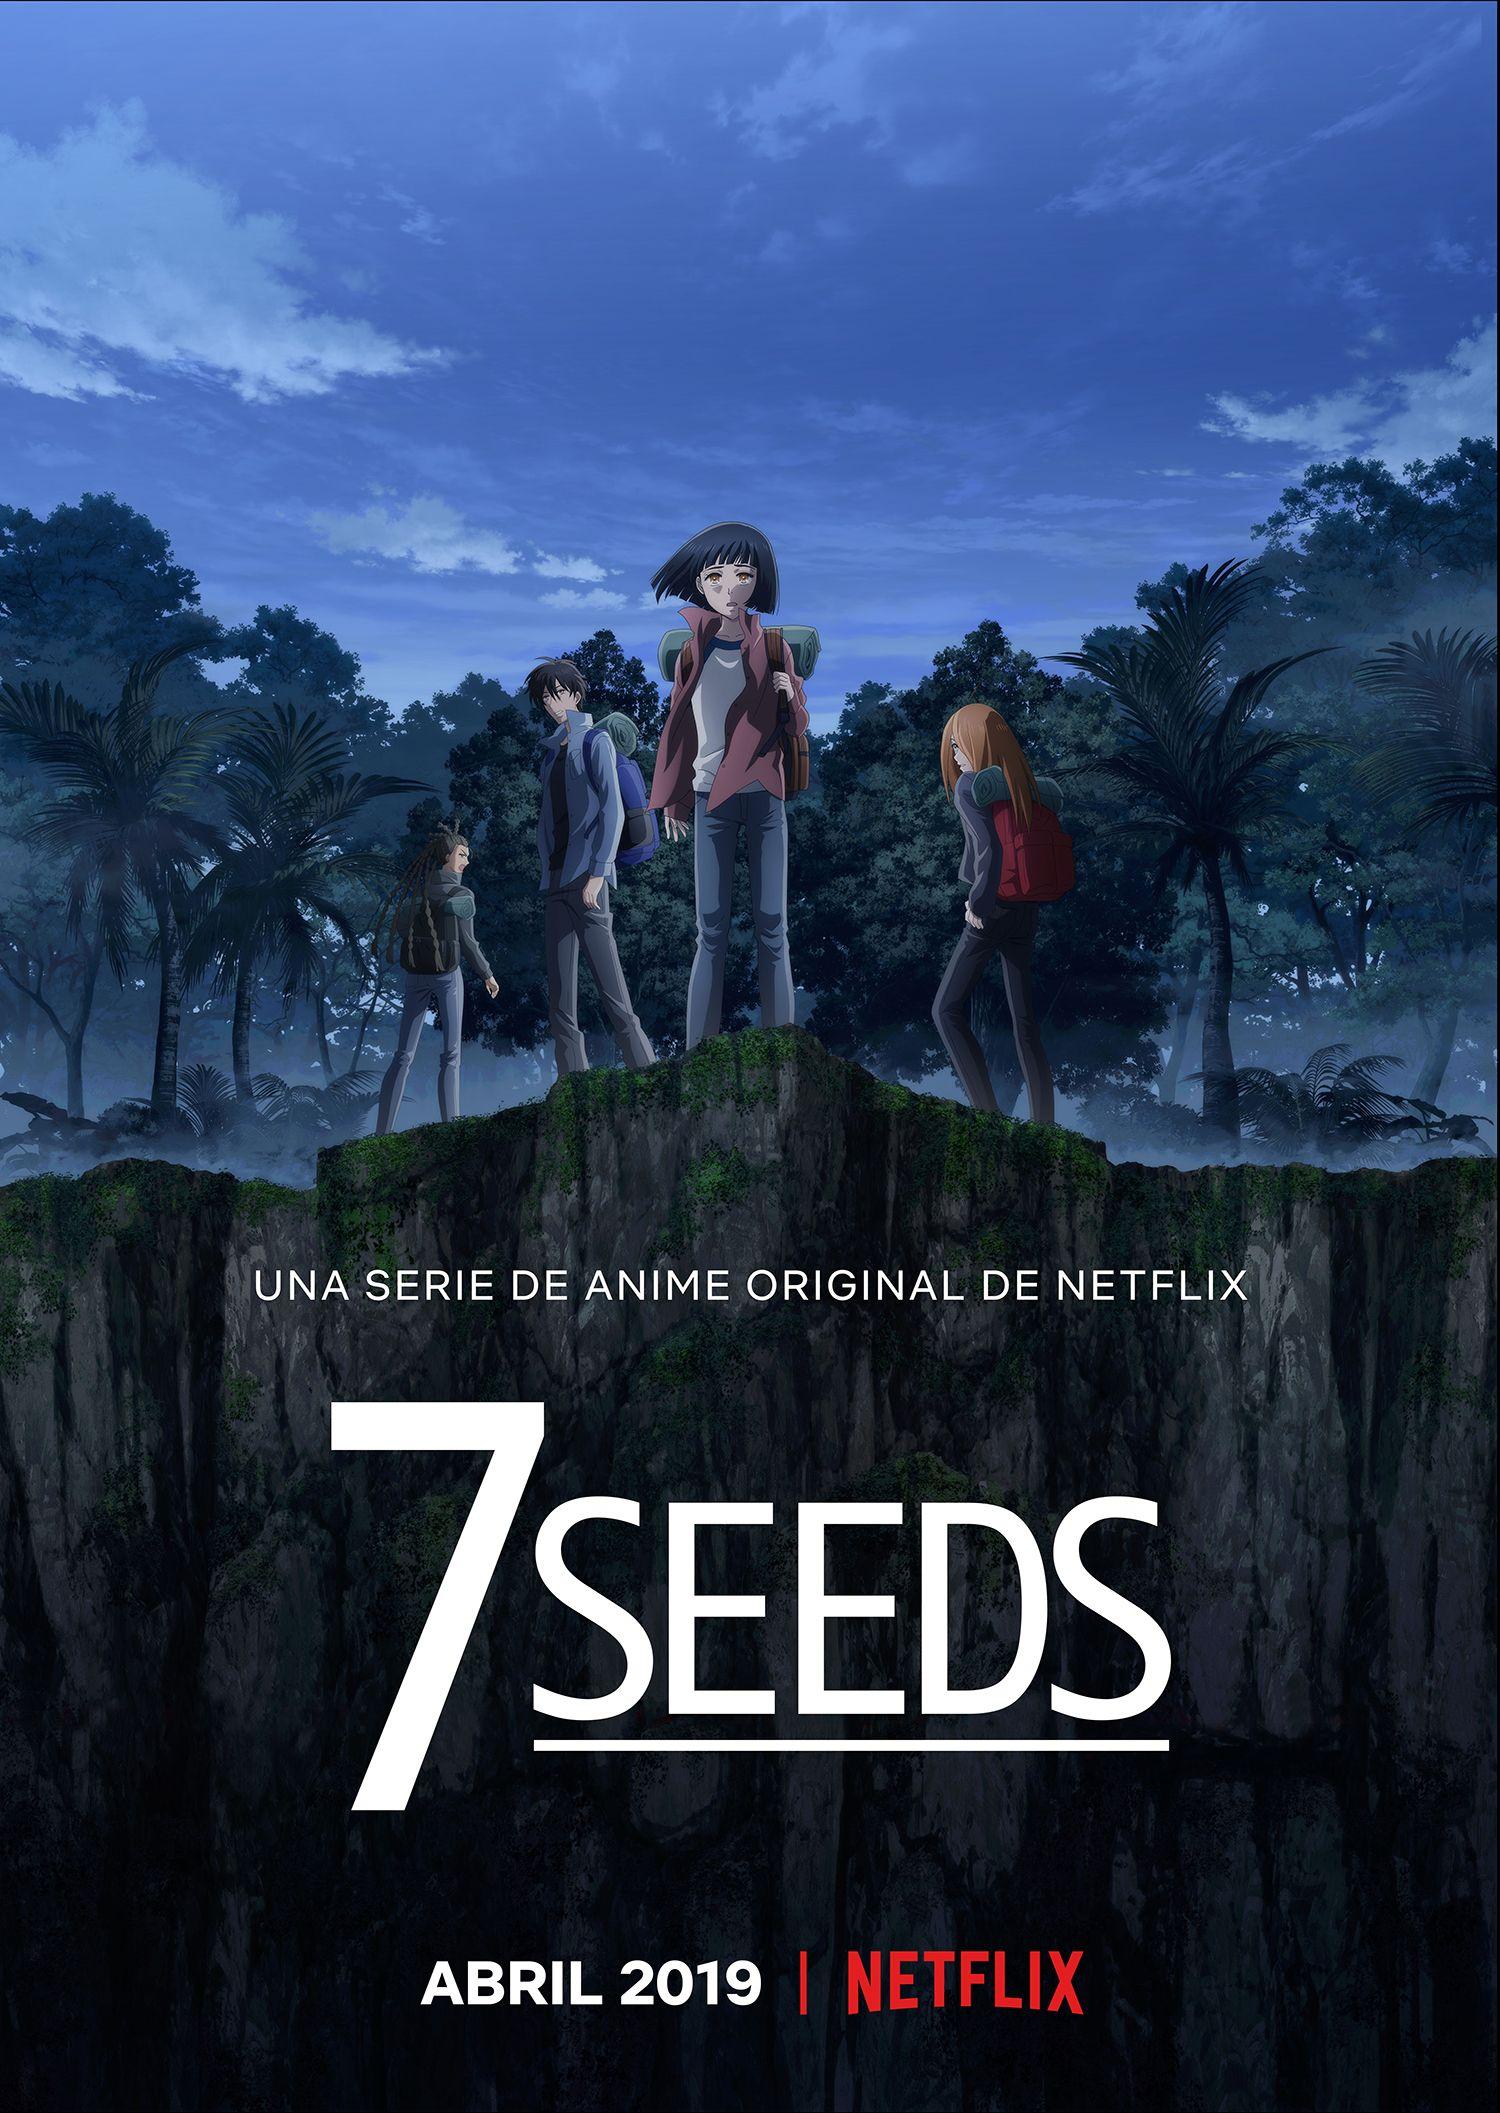 7seeds Filmes De Anime Filmes Anime Meme